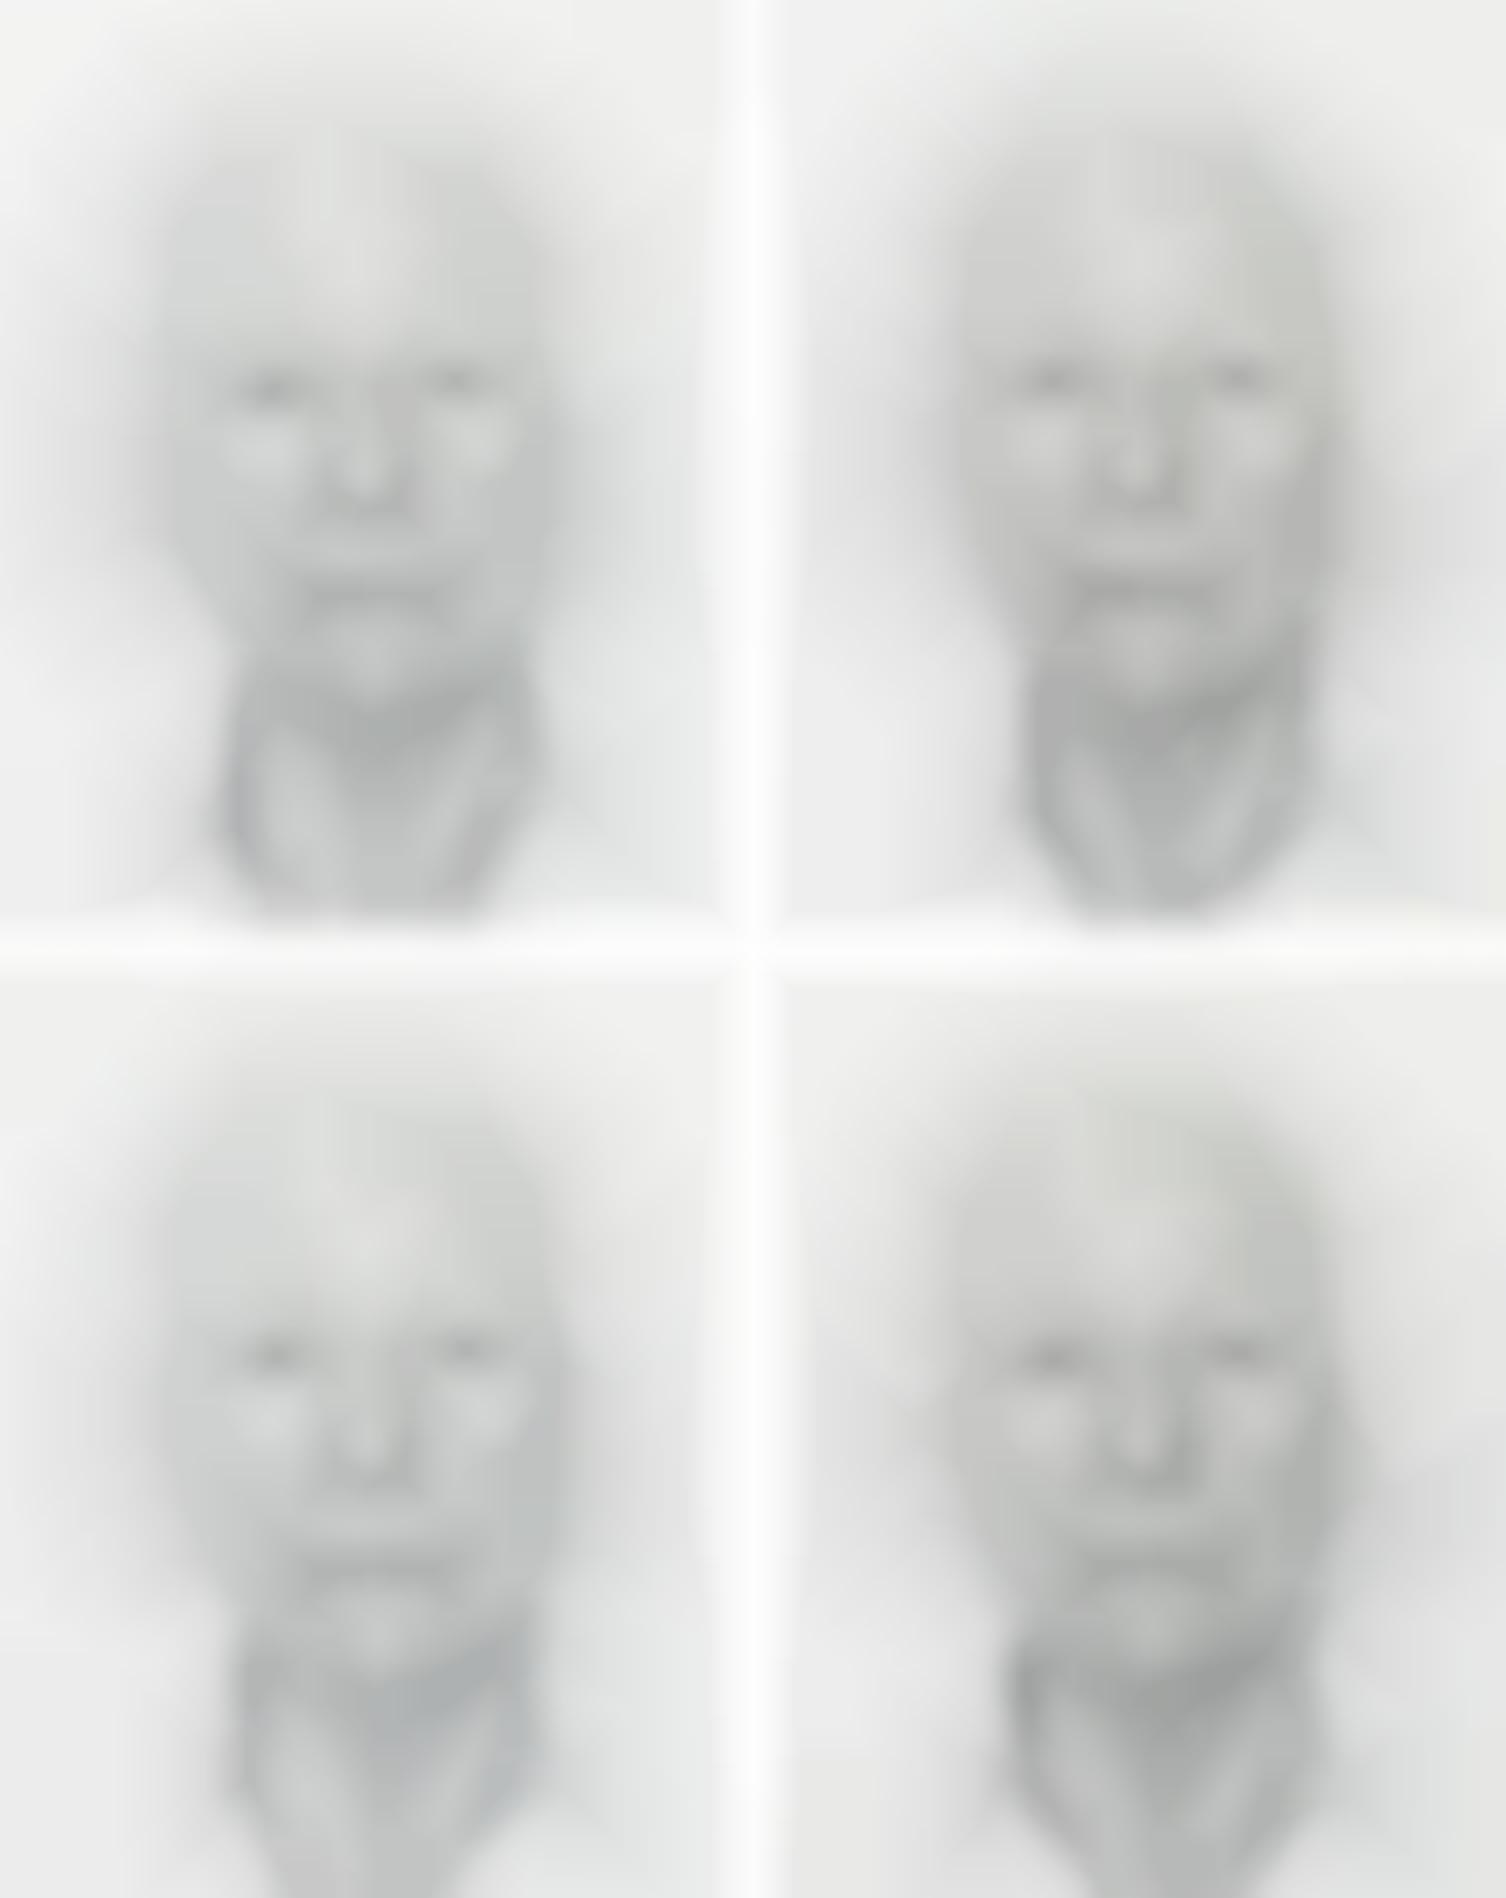 Roman Opalka-Four Works: (I) Opalka 1965 / 1-∞ Detail 5345992; (II) Opalka 1965 / 1-∞ Detail 5349357; (III) Opalka 1965 / 1-∞ Detail 5359224; (IV) Opalka 1965 / 1-∞ Detail 5359987-1965